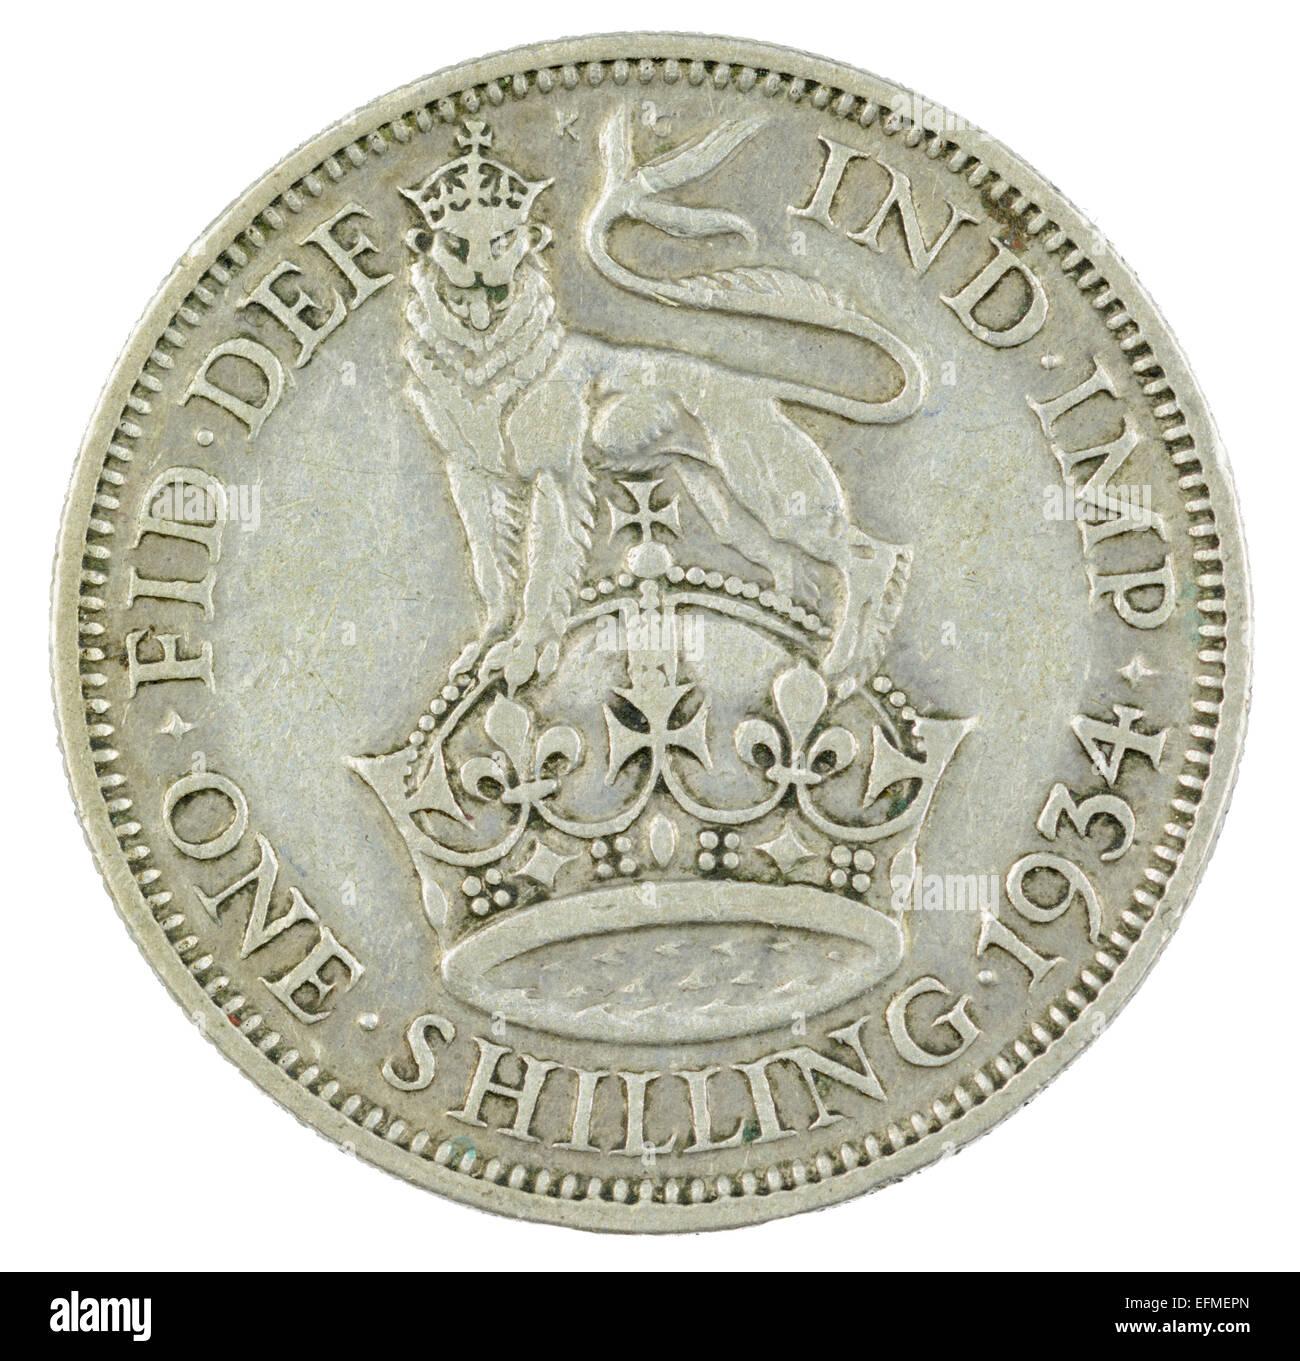 Schilling-Münze von König George V Herrschaft (englische Version von 1934, Tails Seite). Stockbild